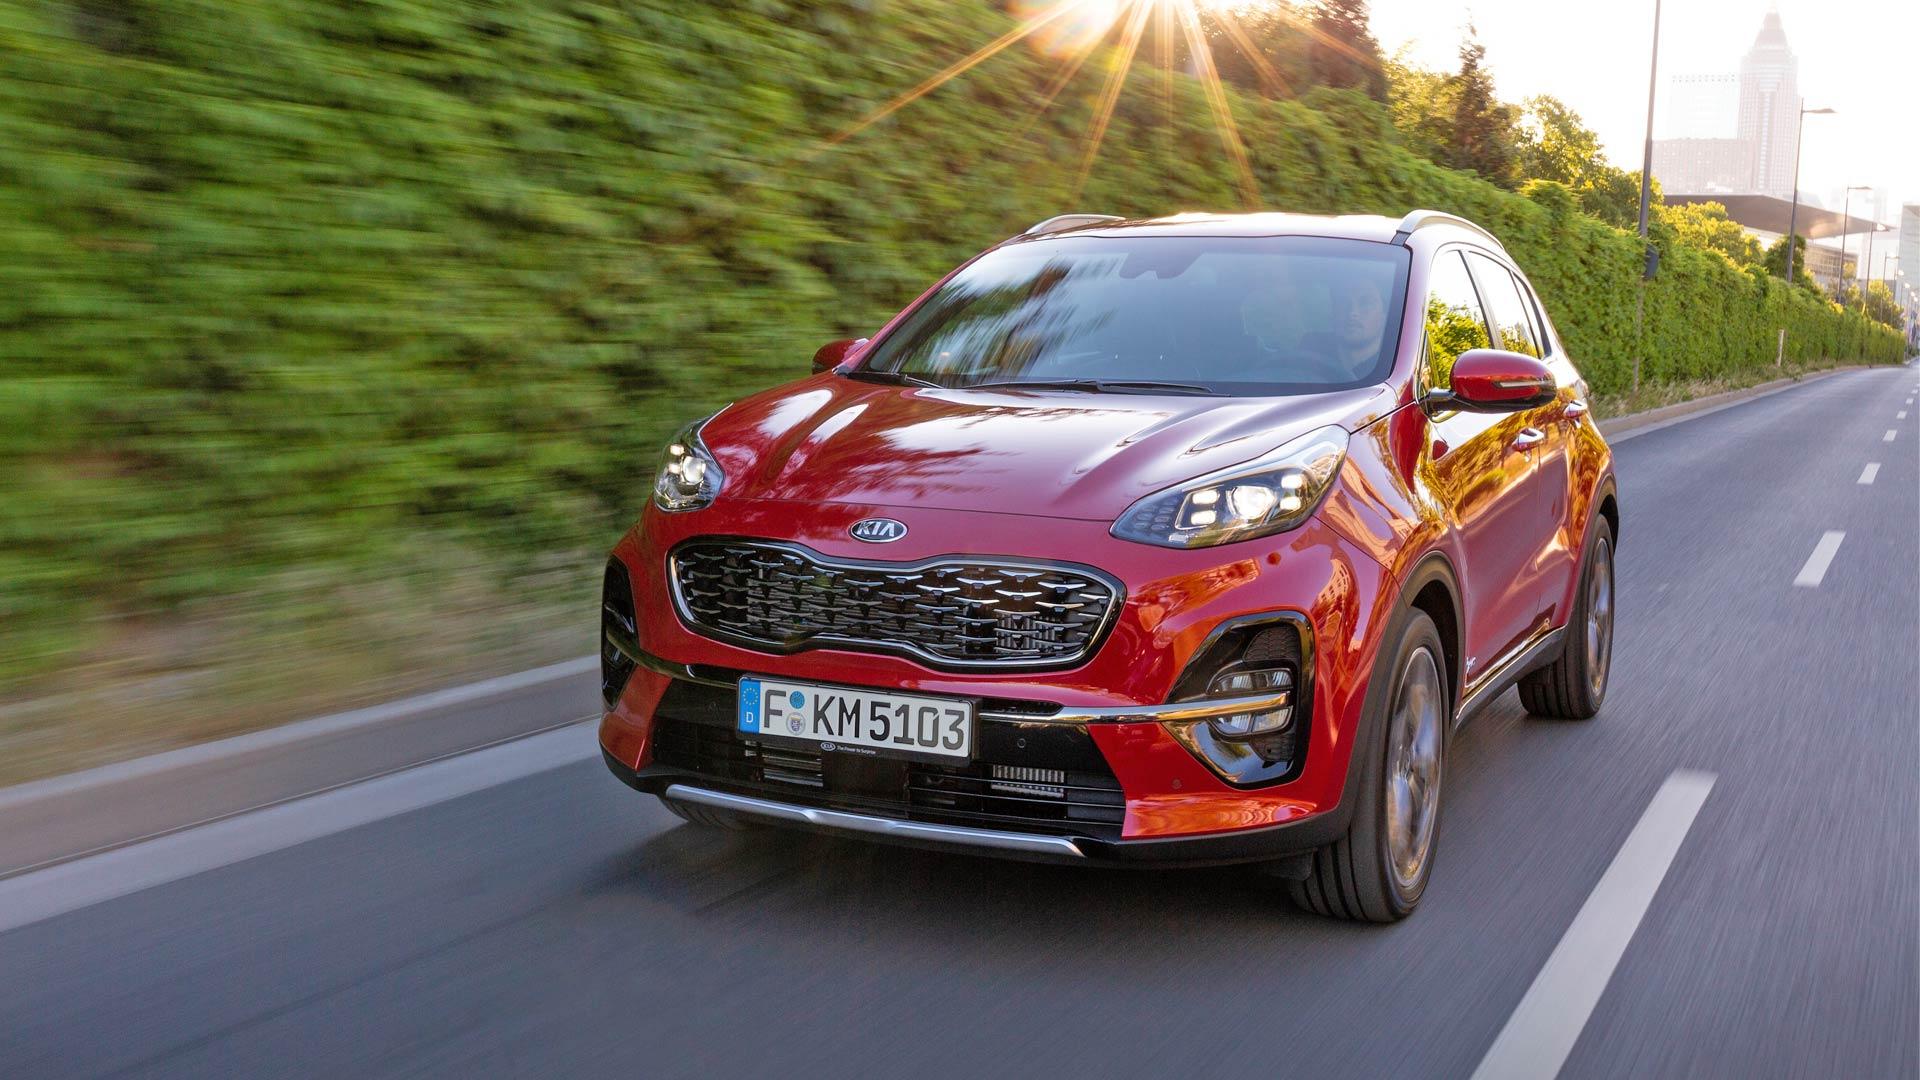 2018-Kia-Sportage-facelift_4